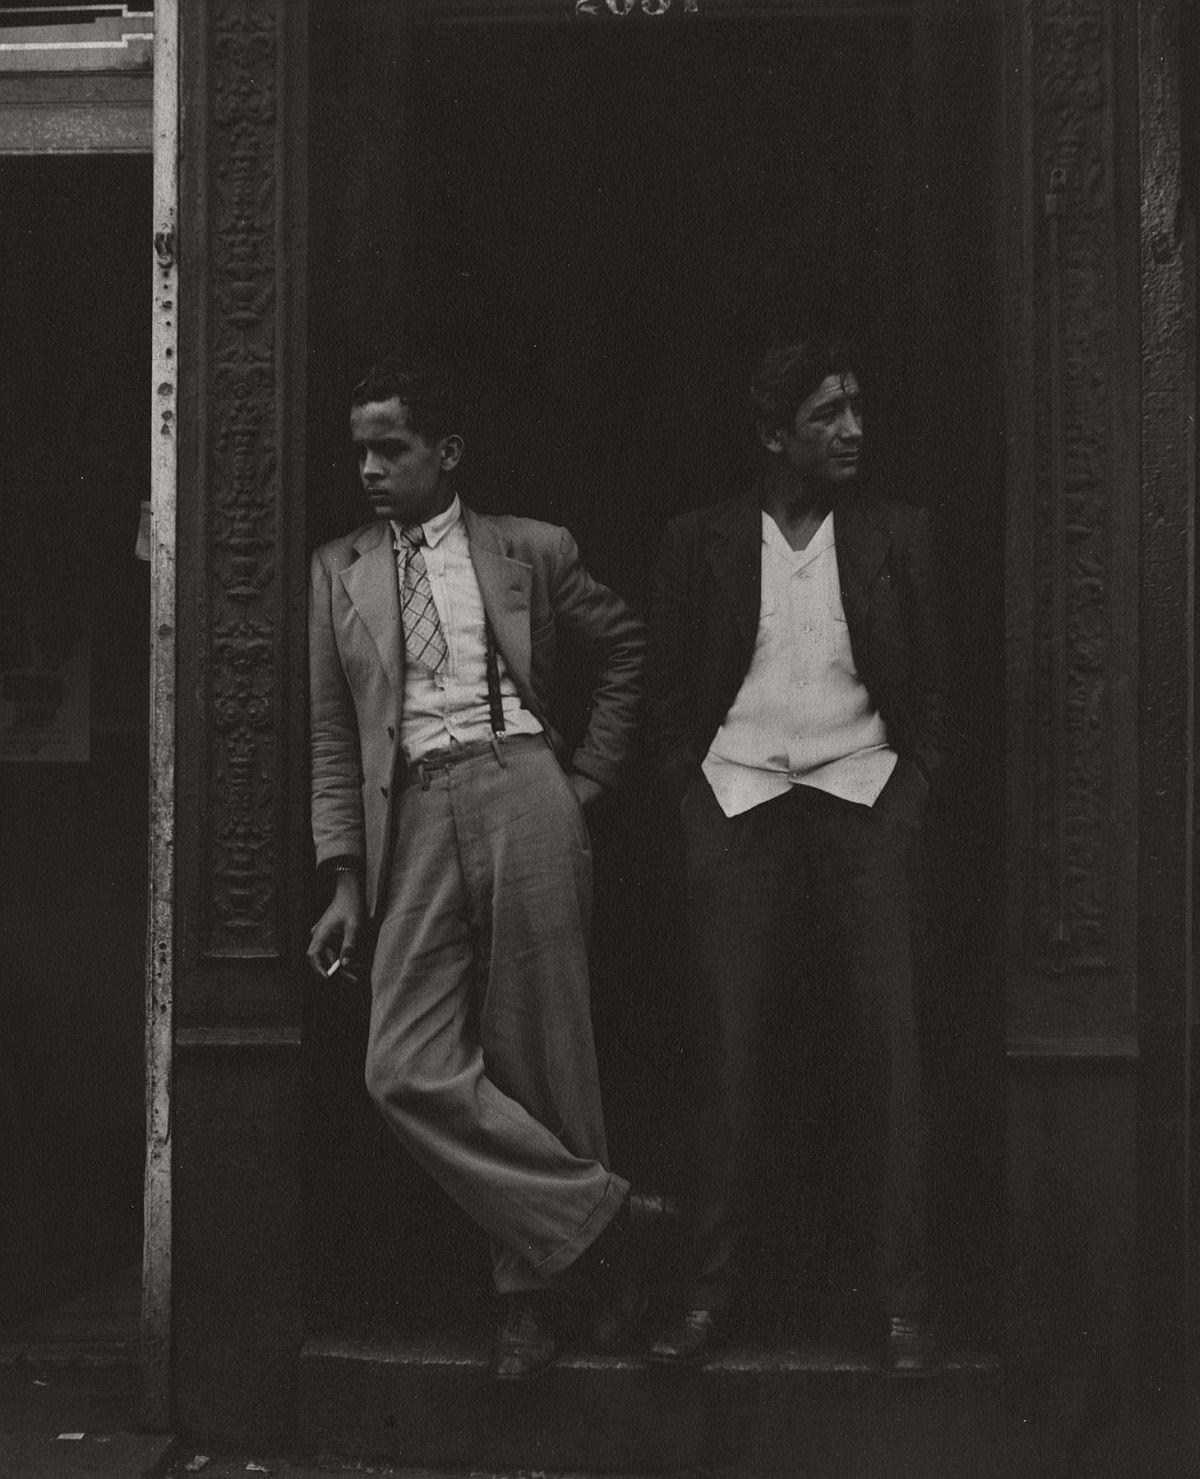 Two Men in Doorway, 1948